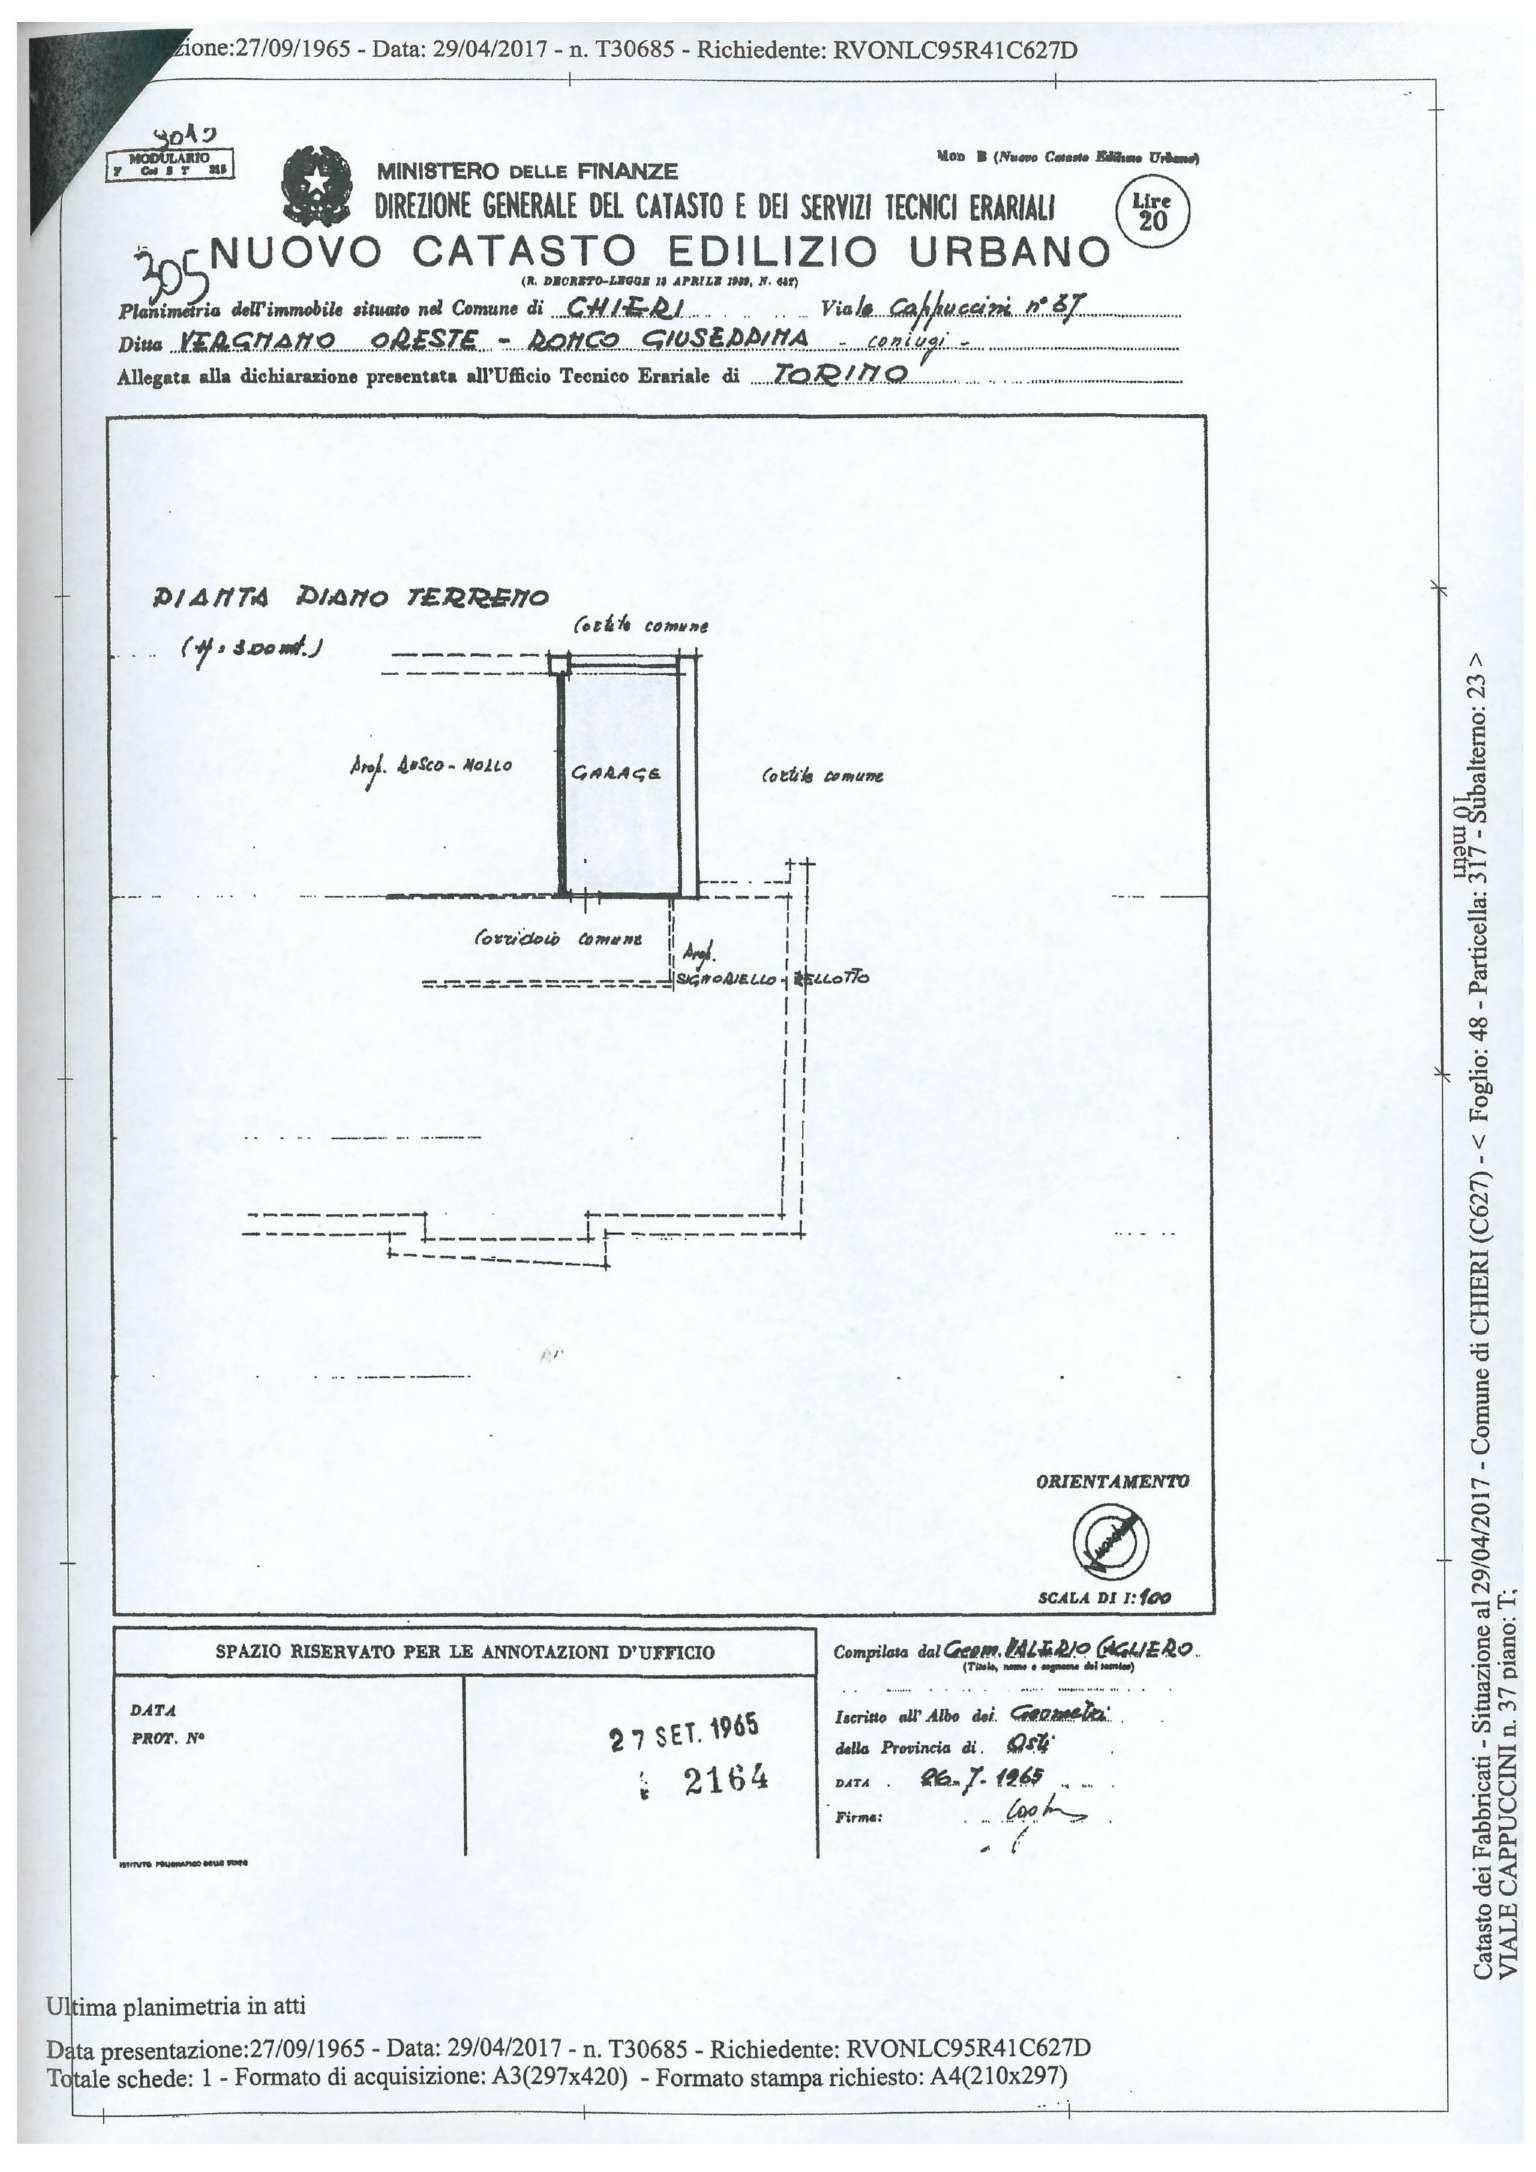 Chieri Vendita BOX Immagine 1